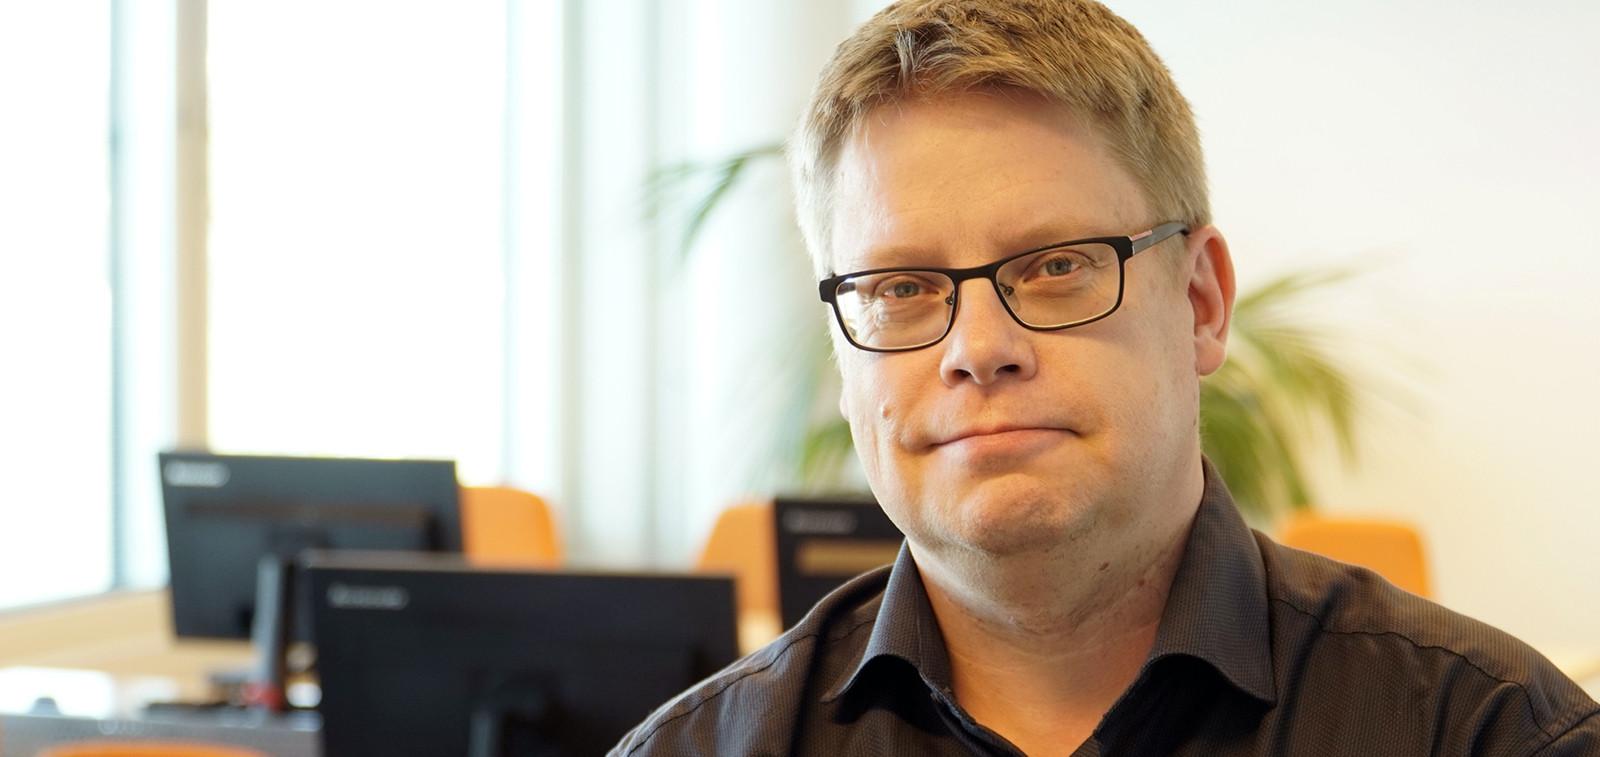 Kuvassa on TOP-keskuksen toiminnanjohtaja Jouni Paakkinen. Kuvassa taustalla näkyy ikkuna, kolme näyttöä ja viherkasvi.